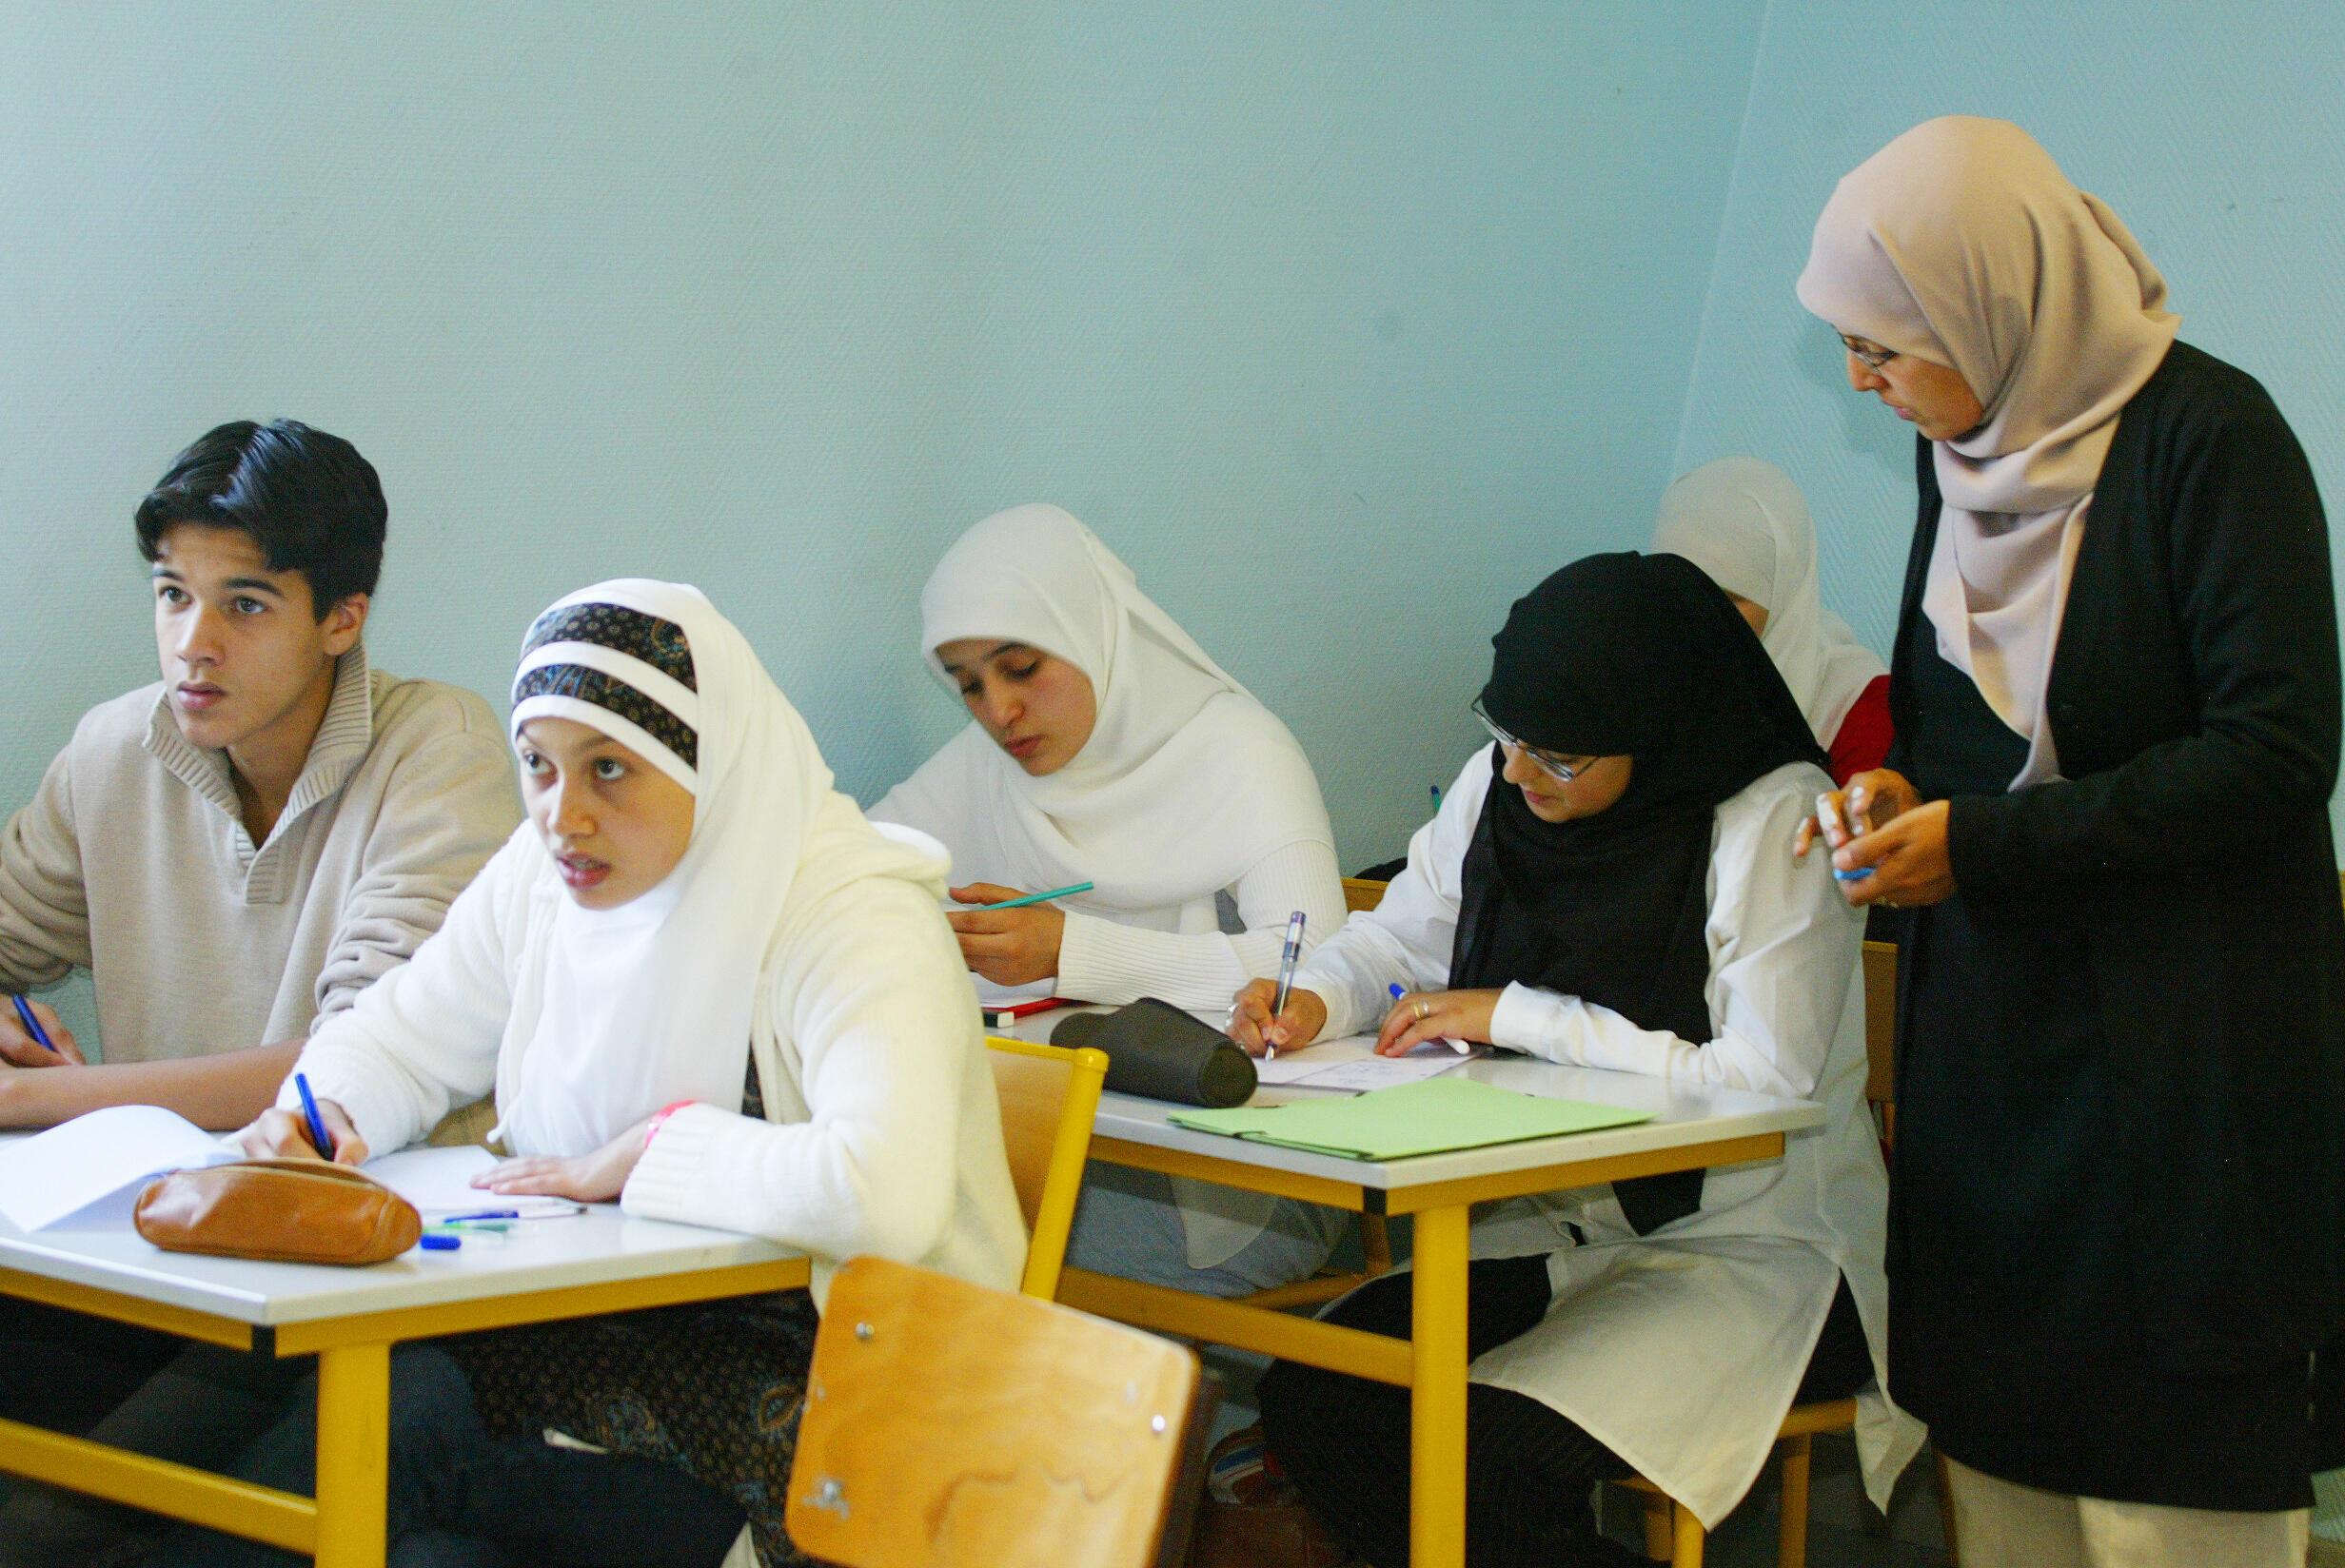 Фото: ученики частной мусульманской школы в Лилле, Франция. сентябрь 2004 год